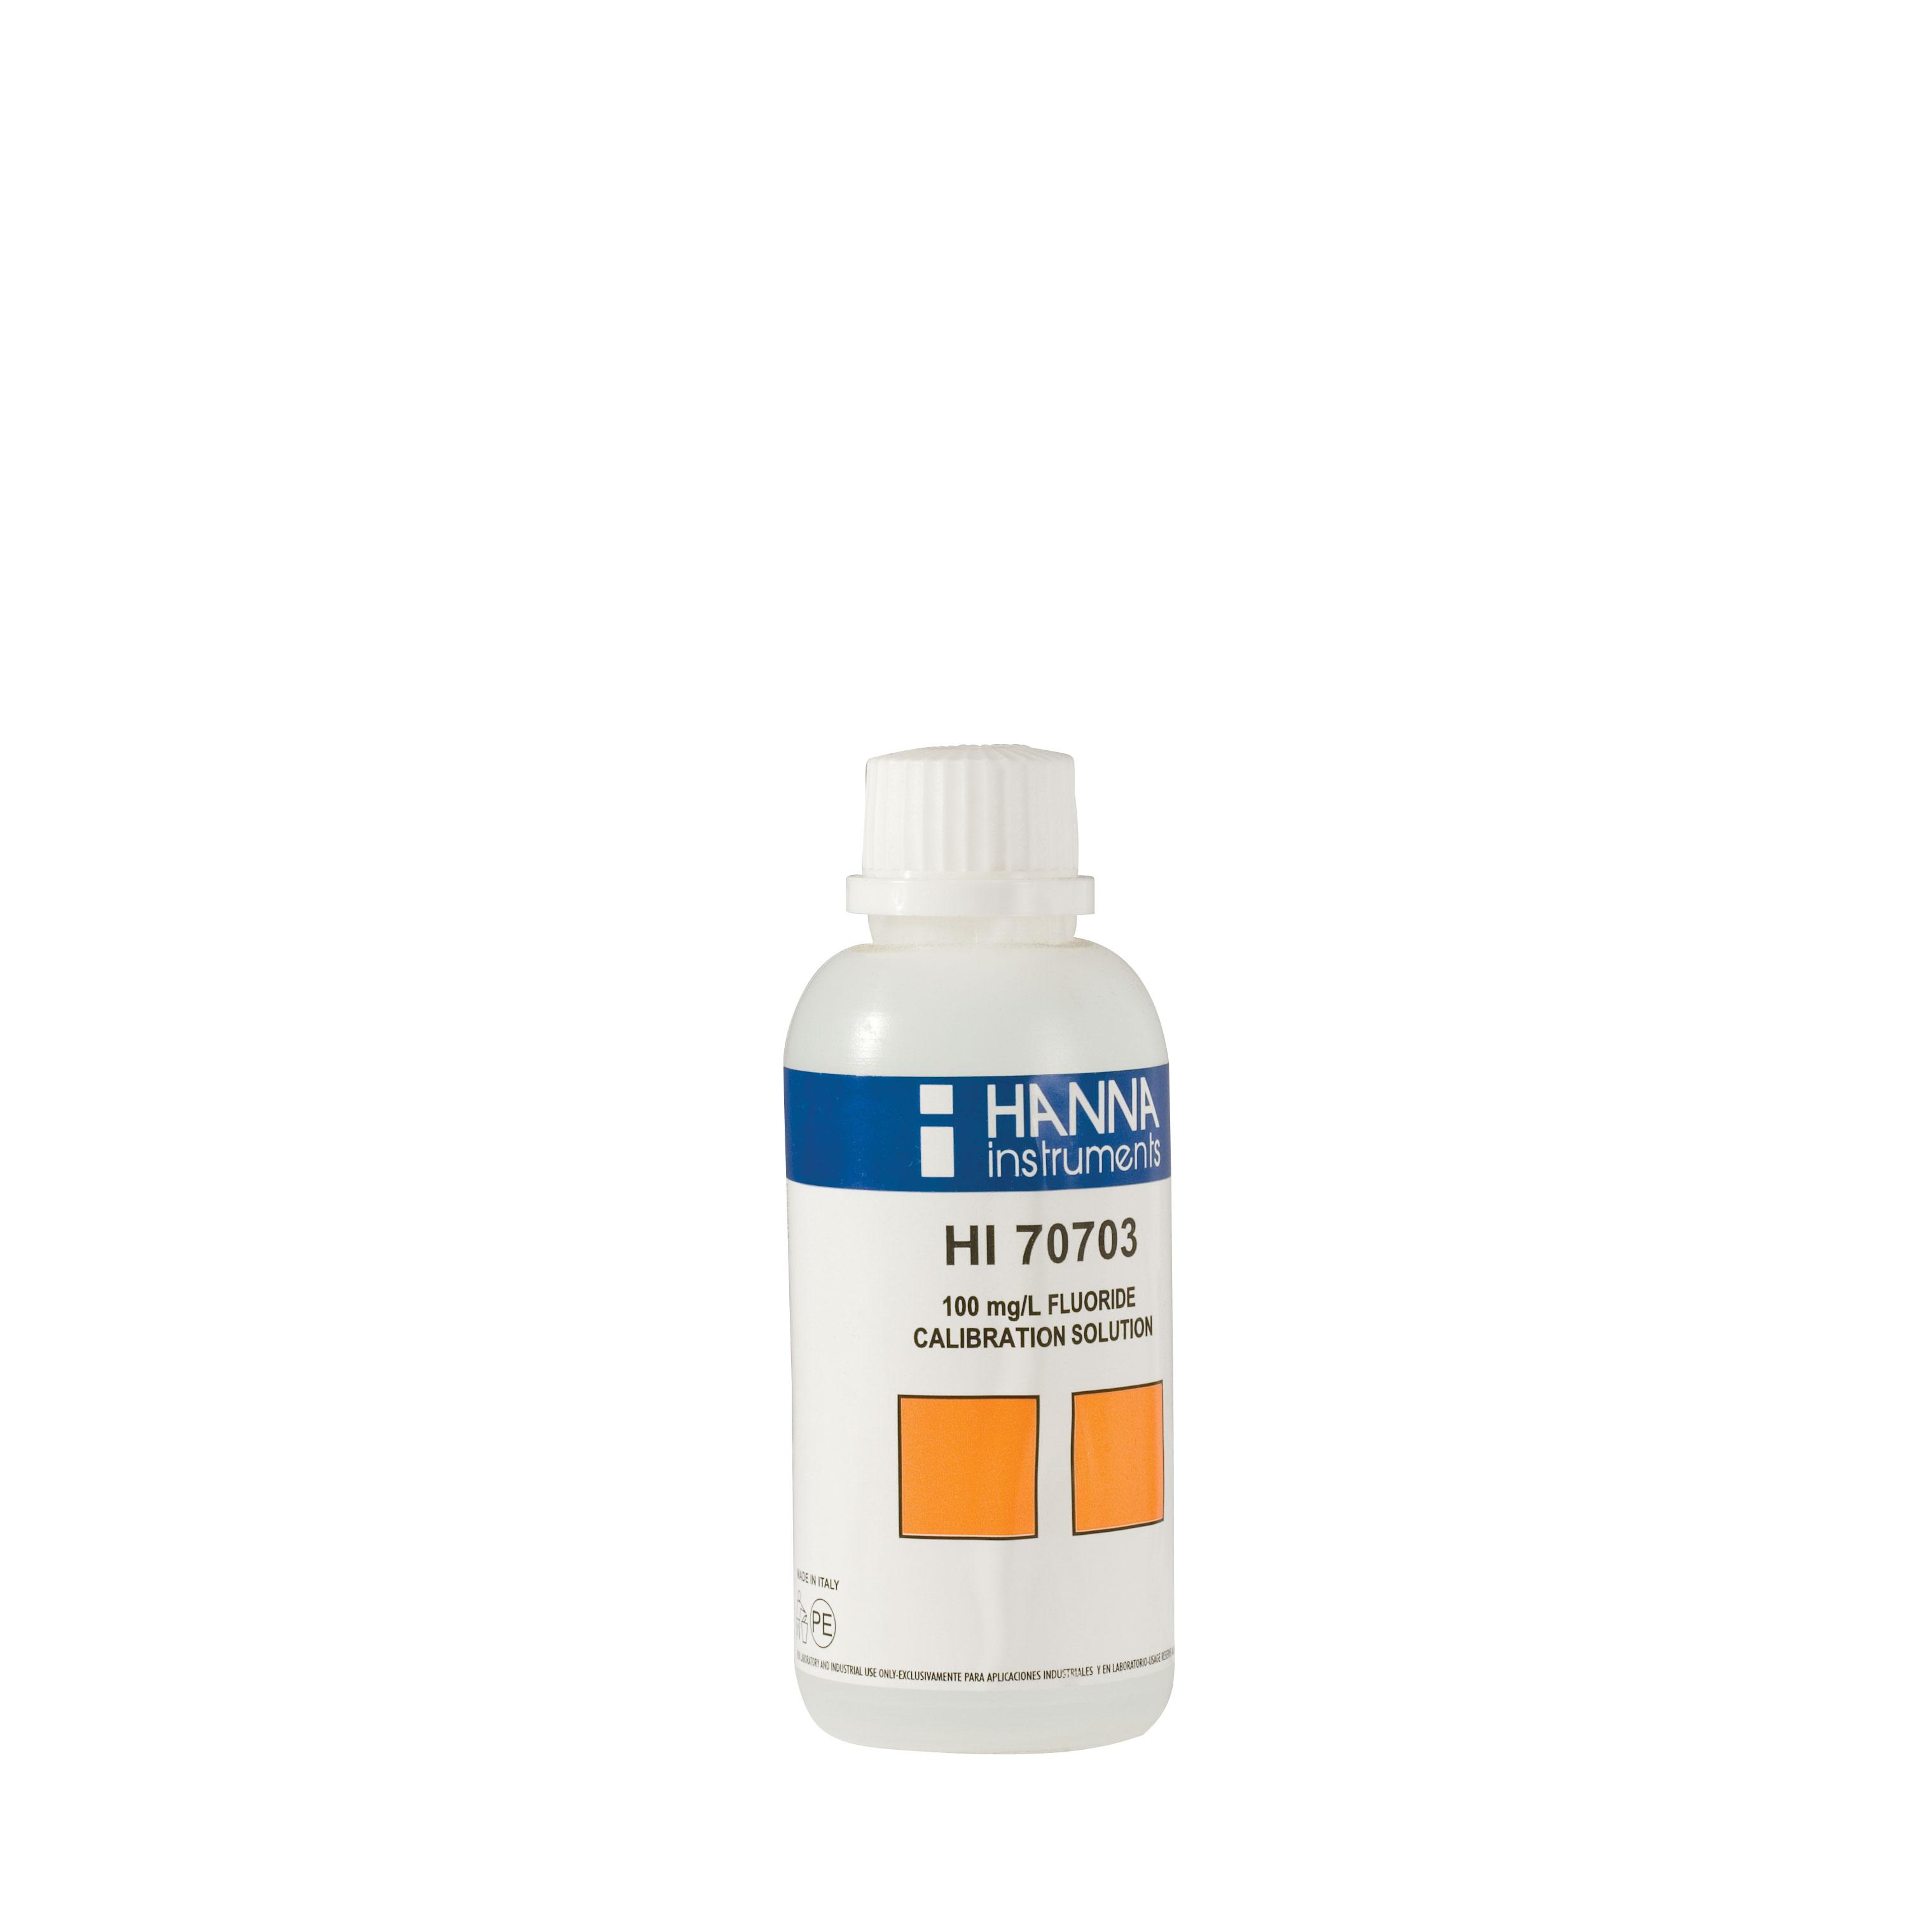 HI70703M Fluoride Standard Solution 100 mg/L (230 mL)